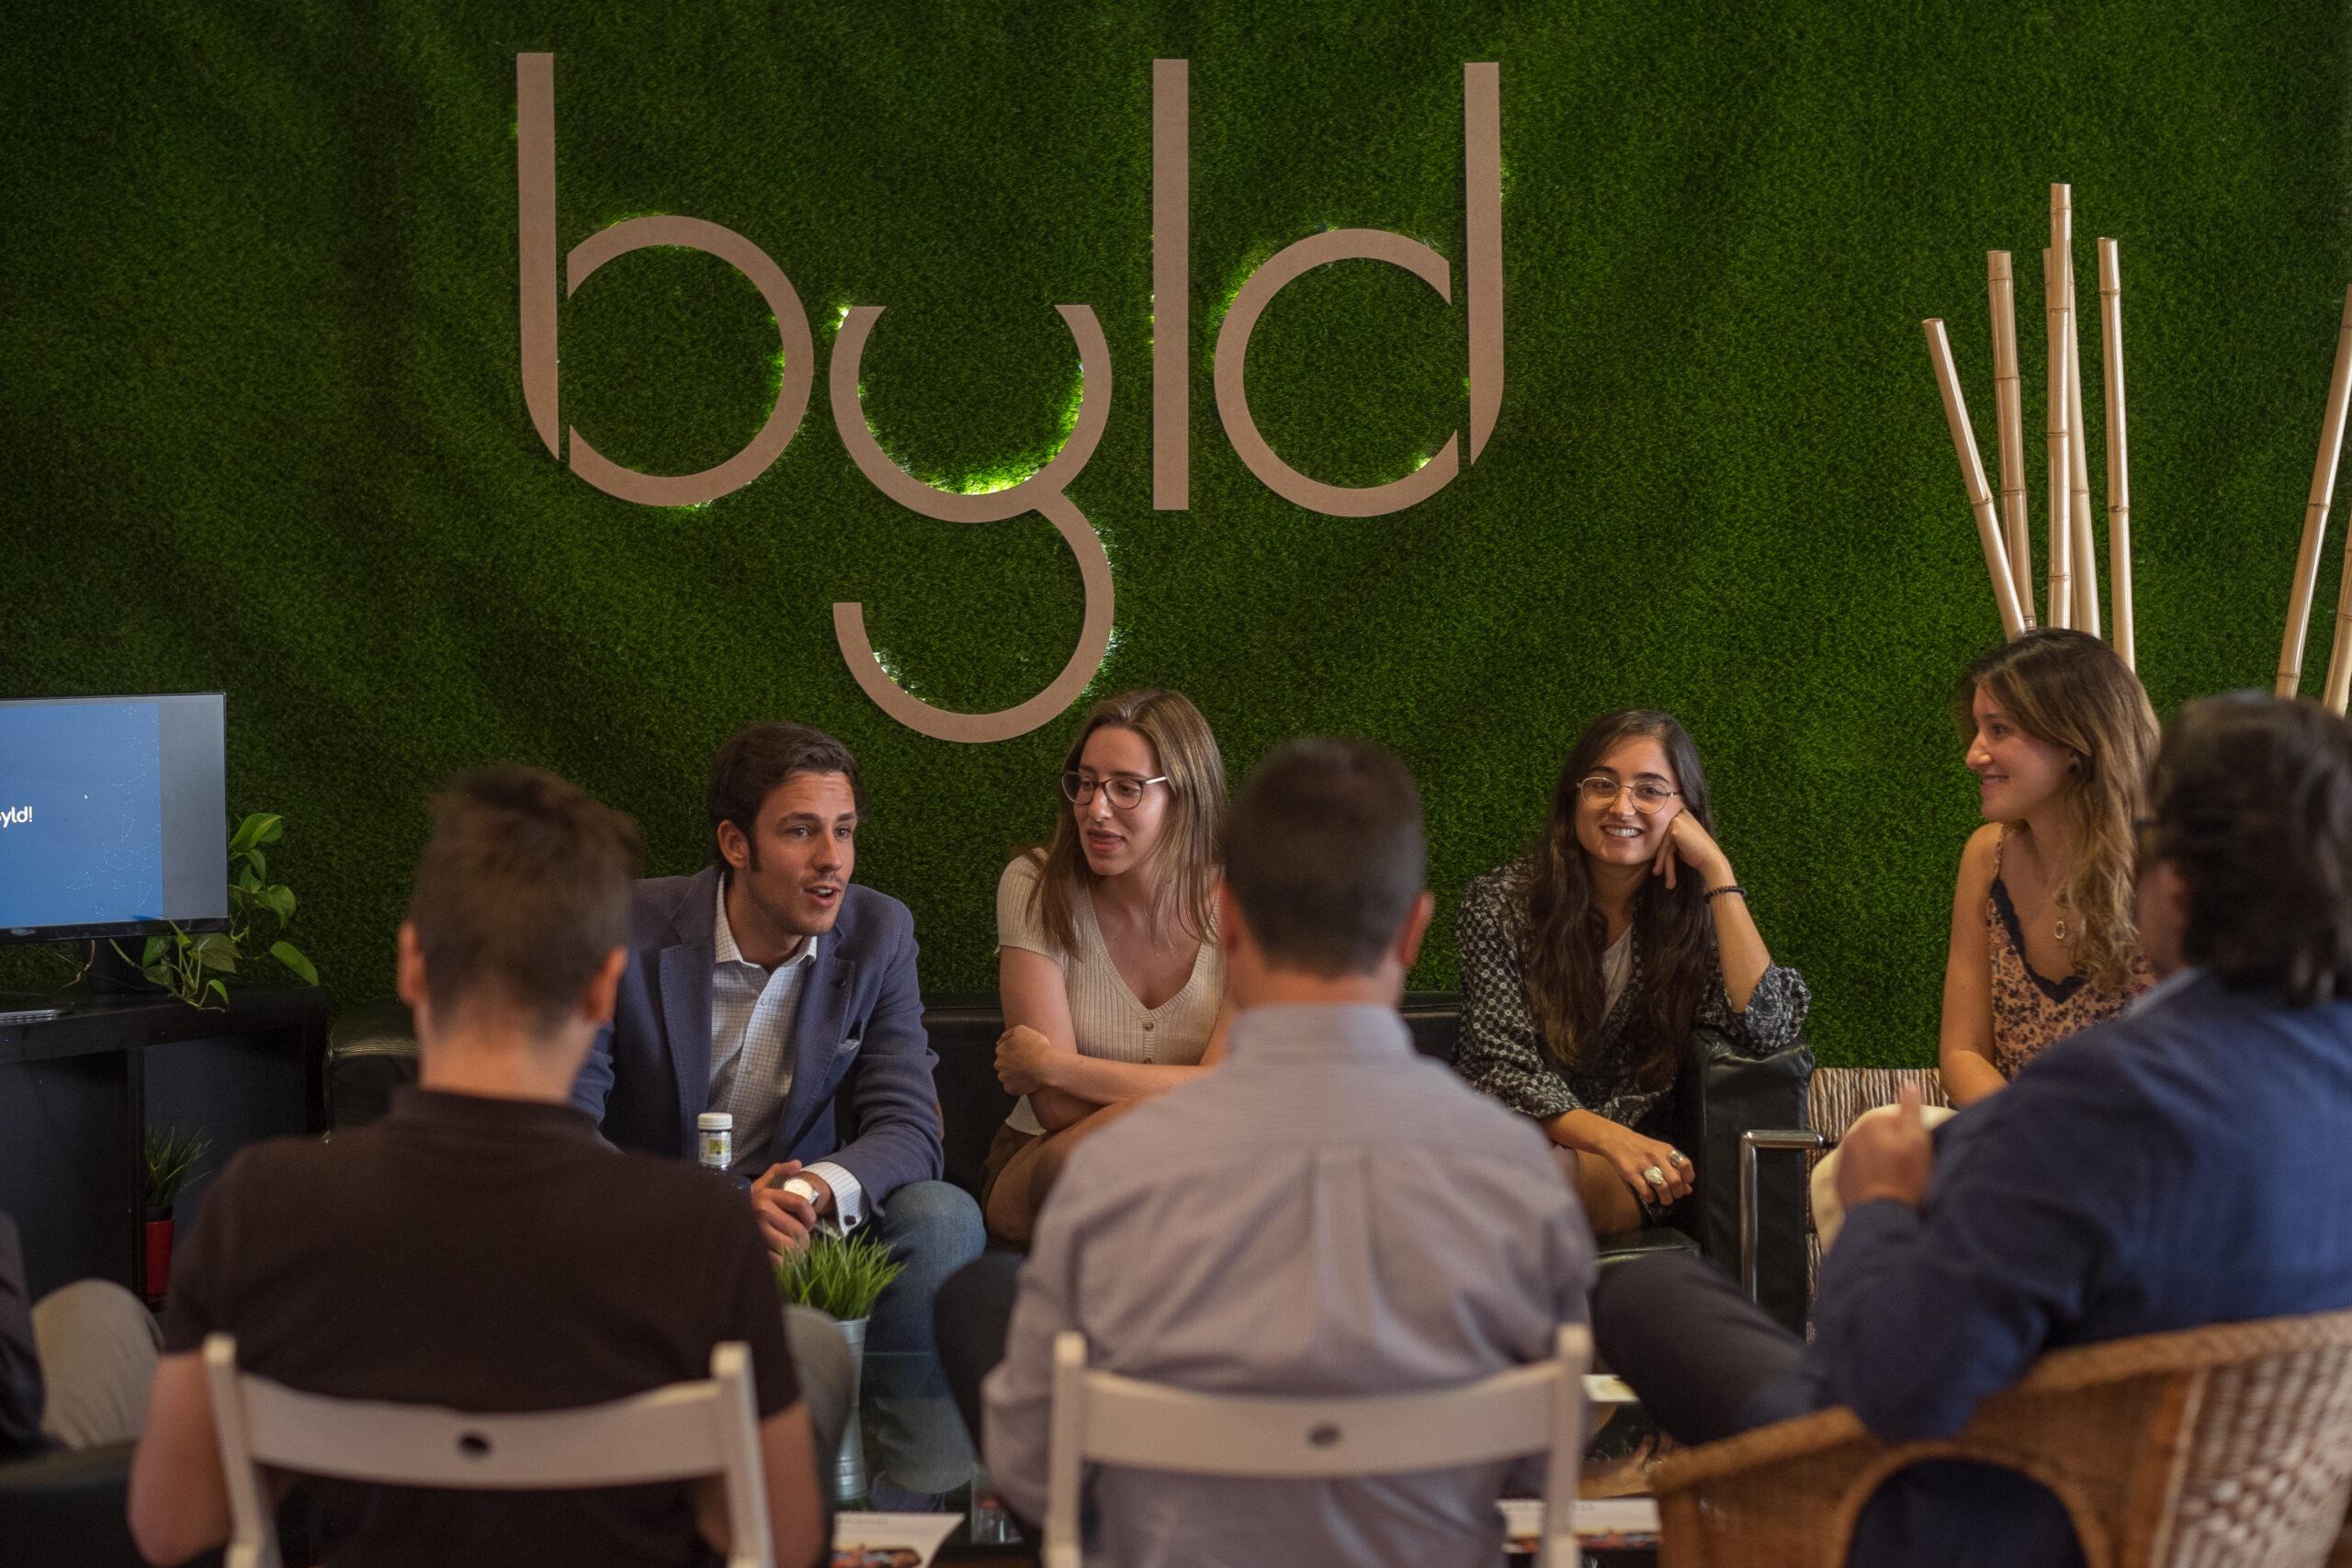 Byld, la compañía precursora del corporate venture bulding en España, avanza en su plan de internacionalización, uno de sus grandes objetivos